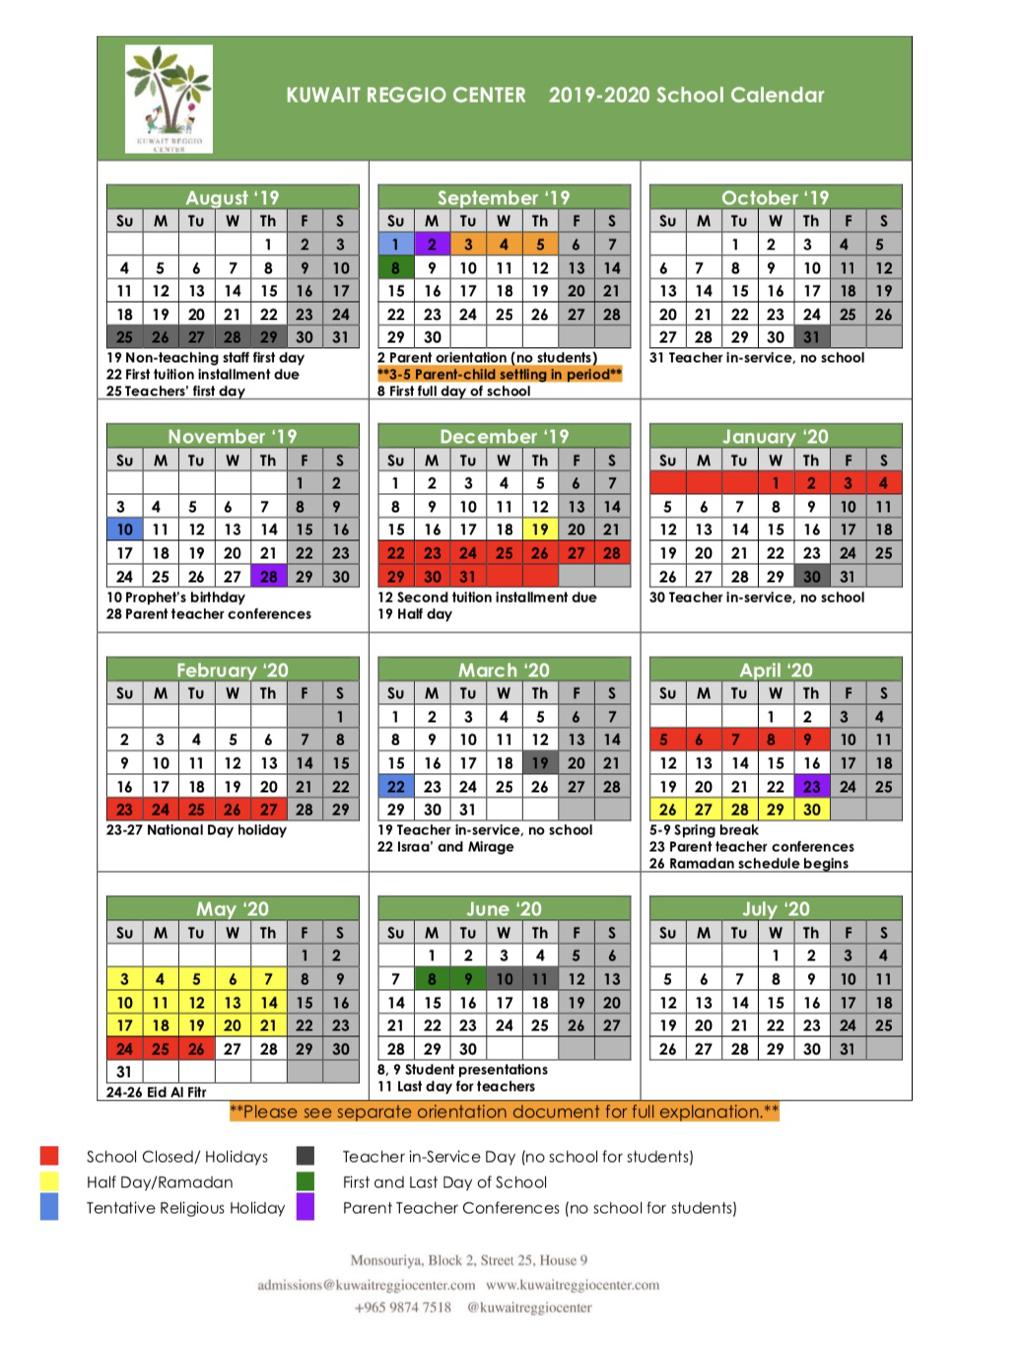 Schedule And Academic Calendars - Kuwait Reggio Center